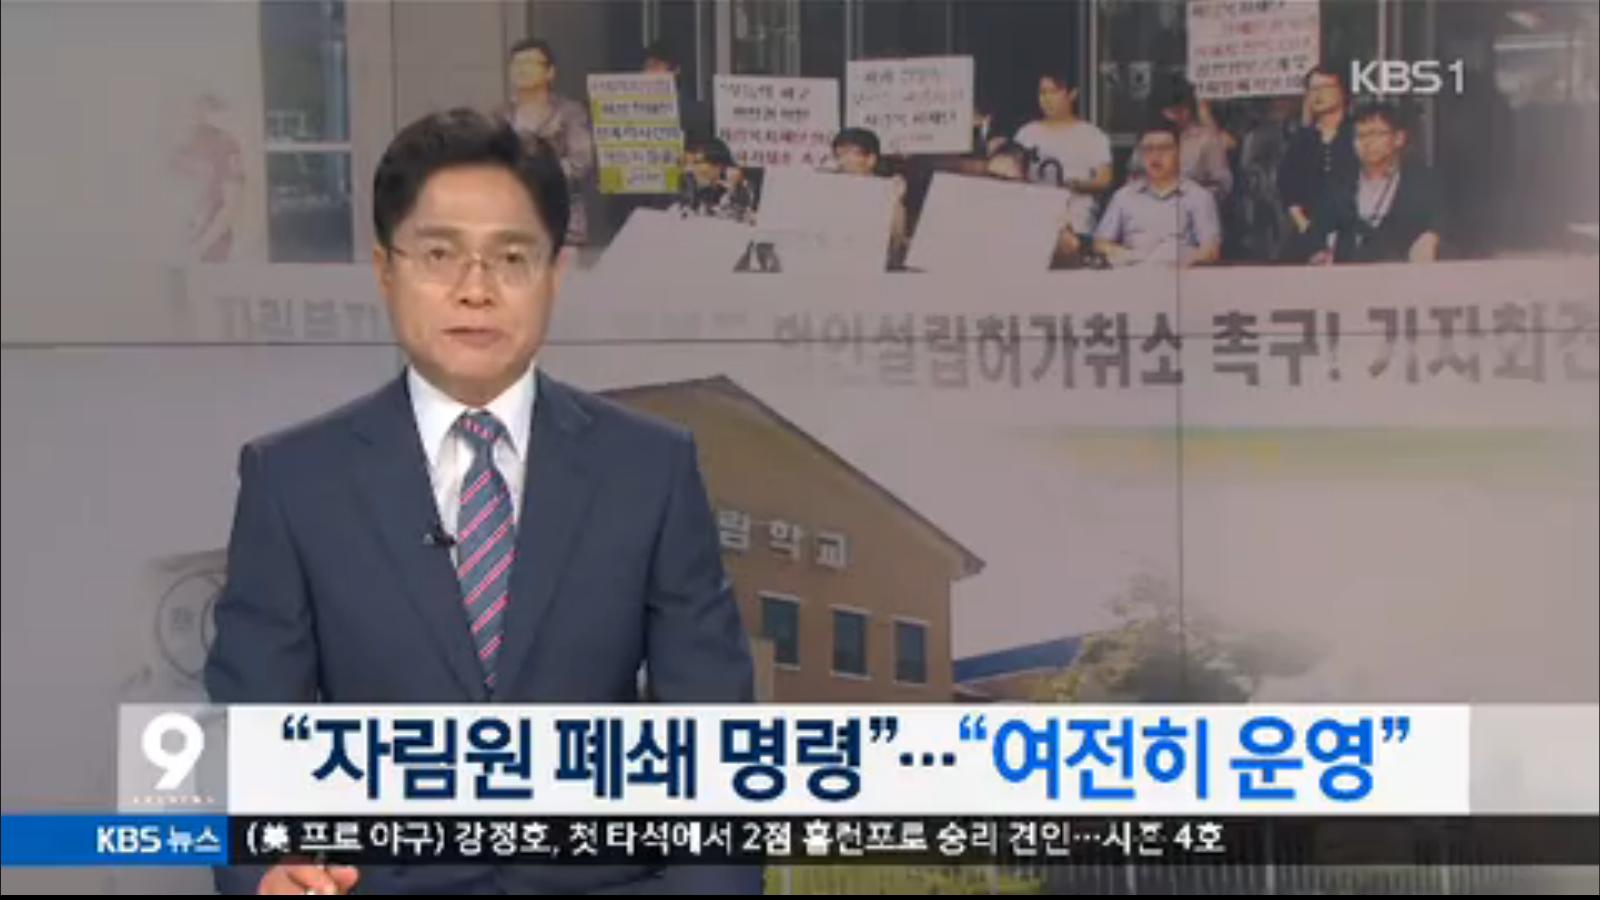 [15.6.18 KBS전주] 전주자림복재재단, 법인설립 허가 취소해야1.png